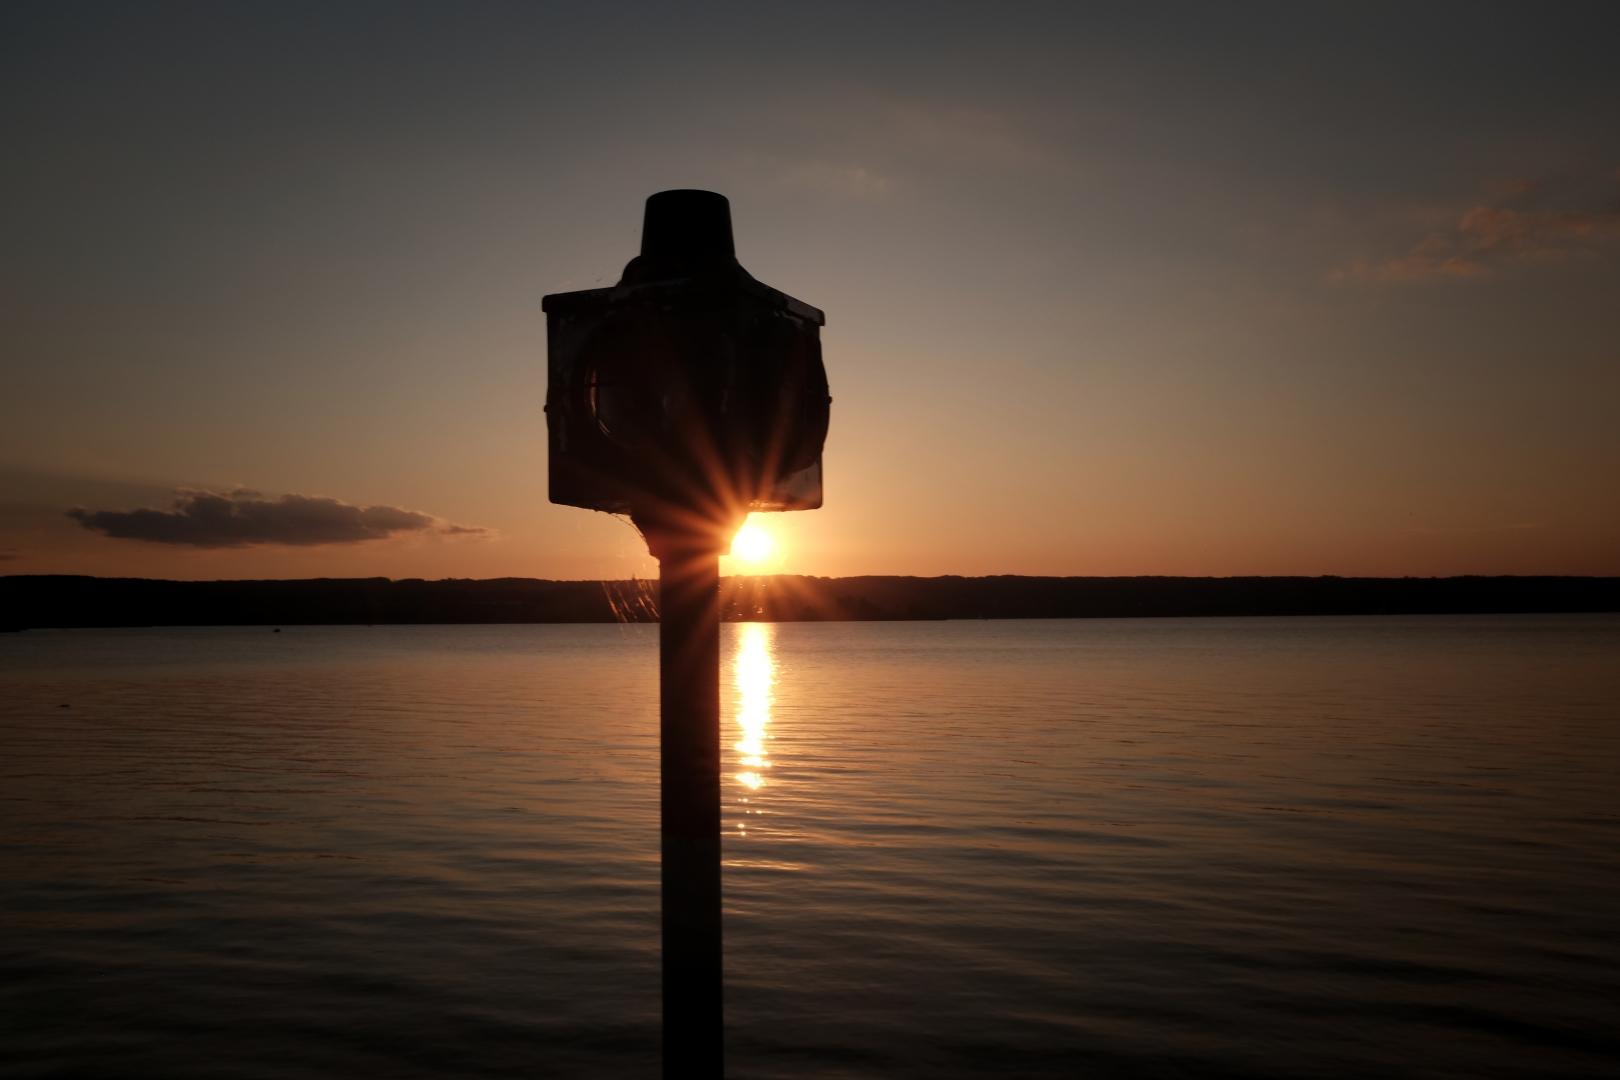 Sunset mit Leuchtfeuer